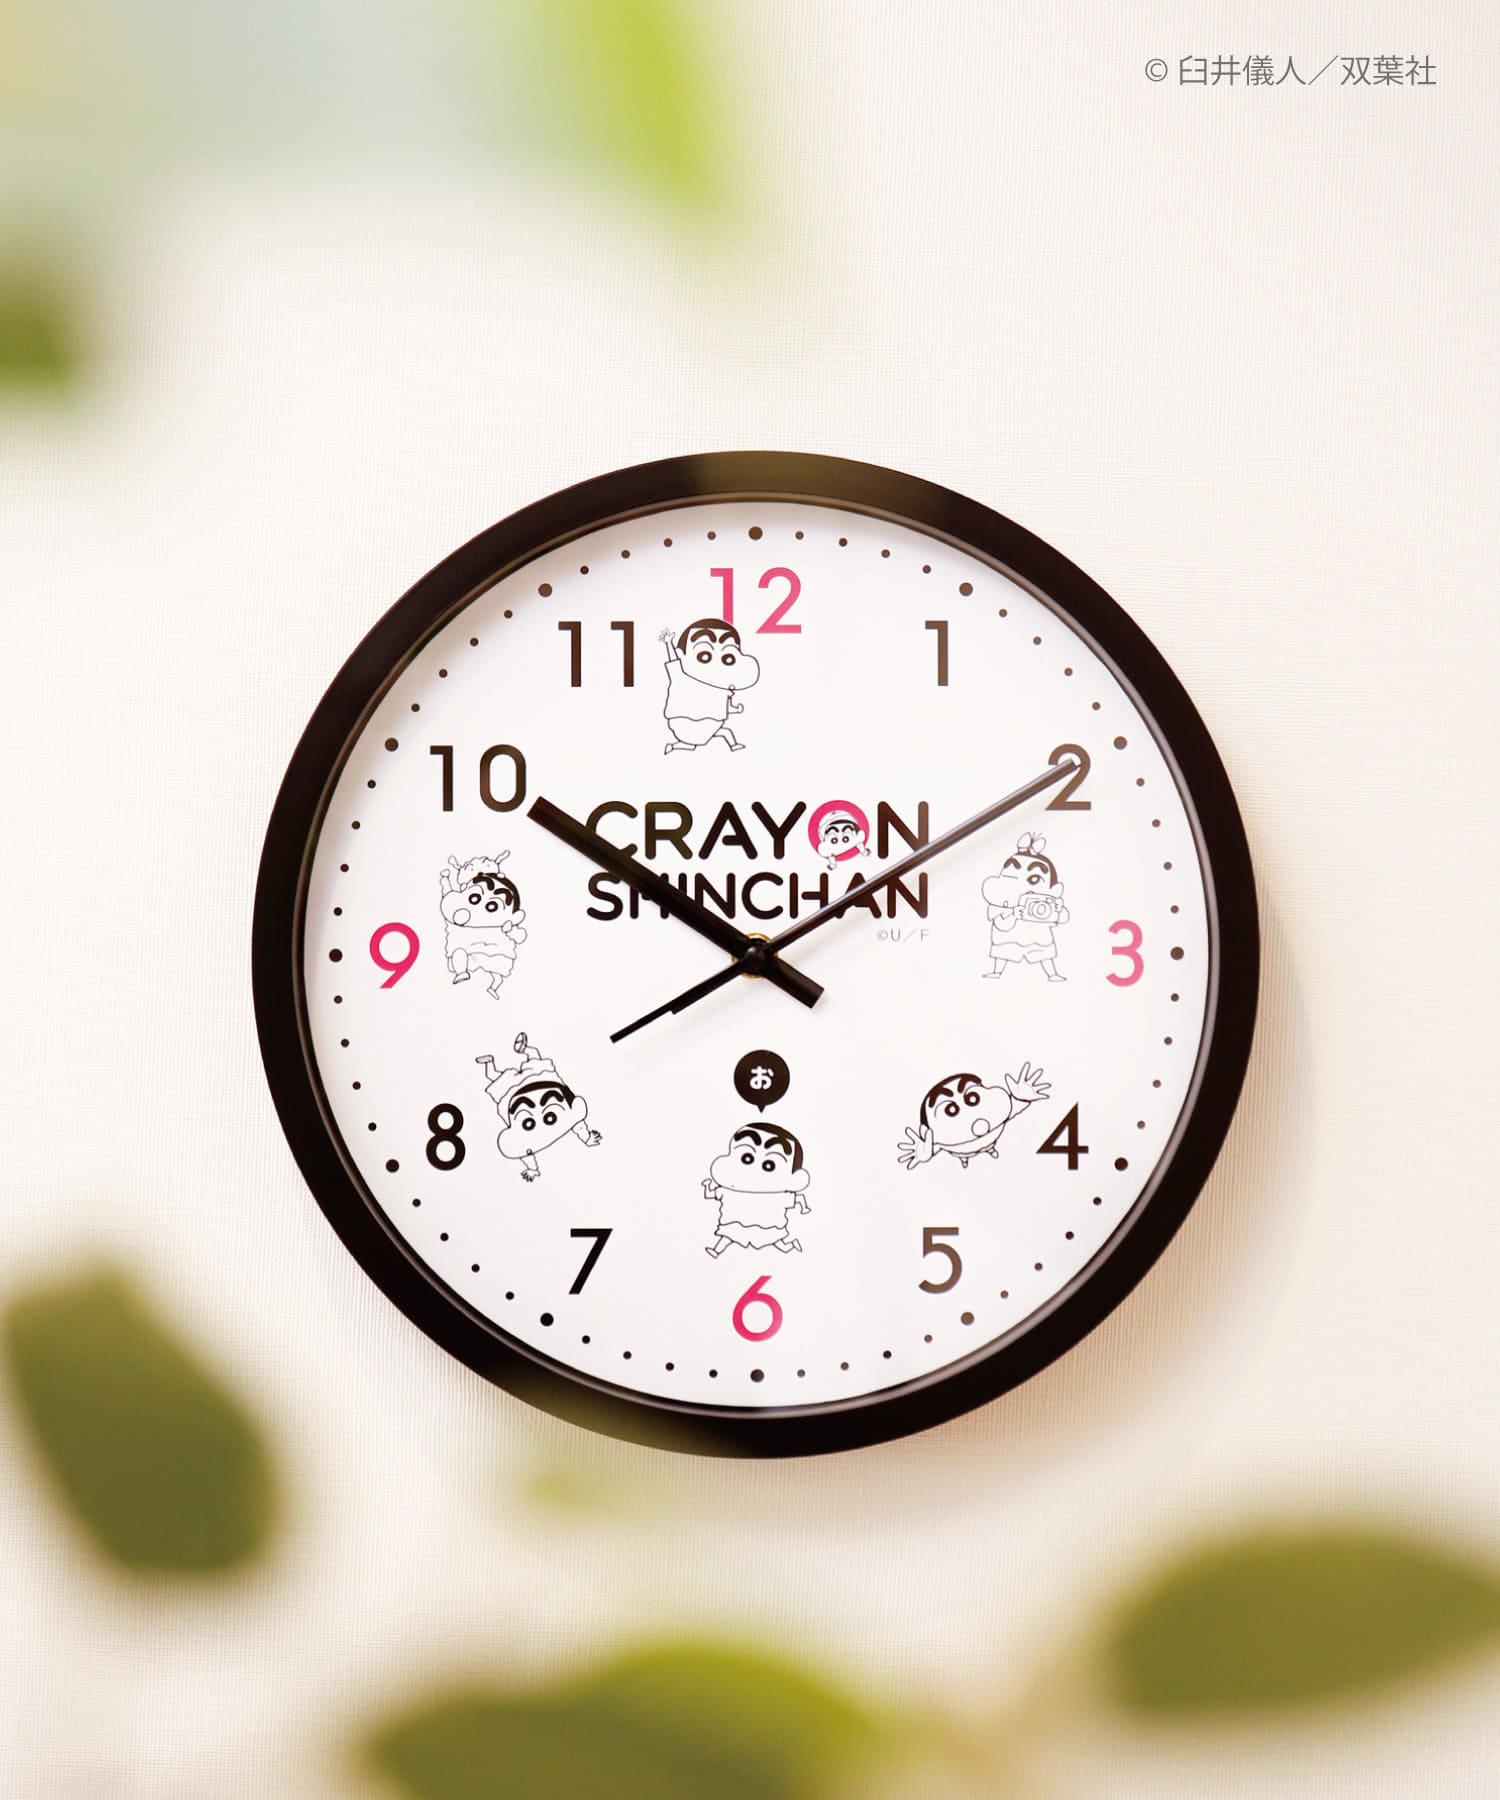 3COINS(スリーコインズ) 【ASOKO】【クレヨンしんちゃん】壁掛け時計